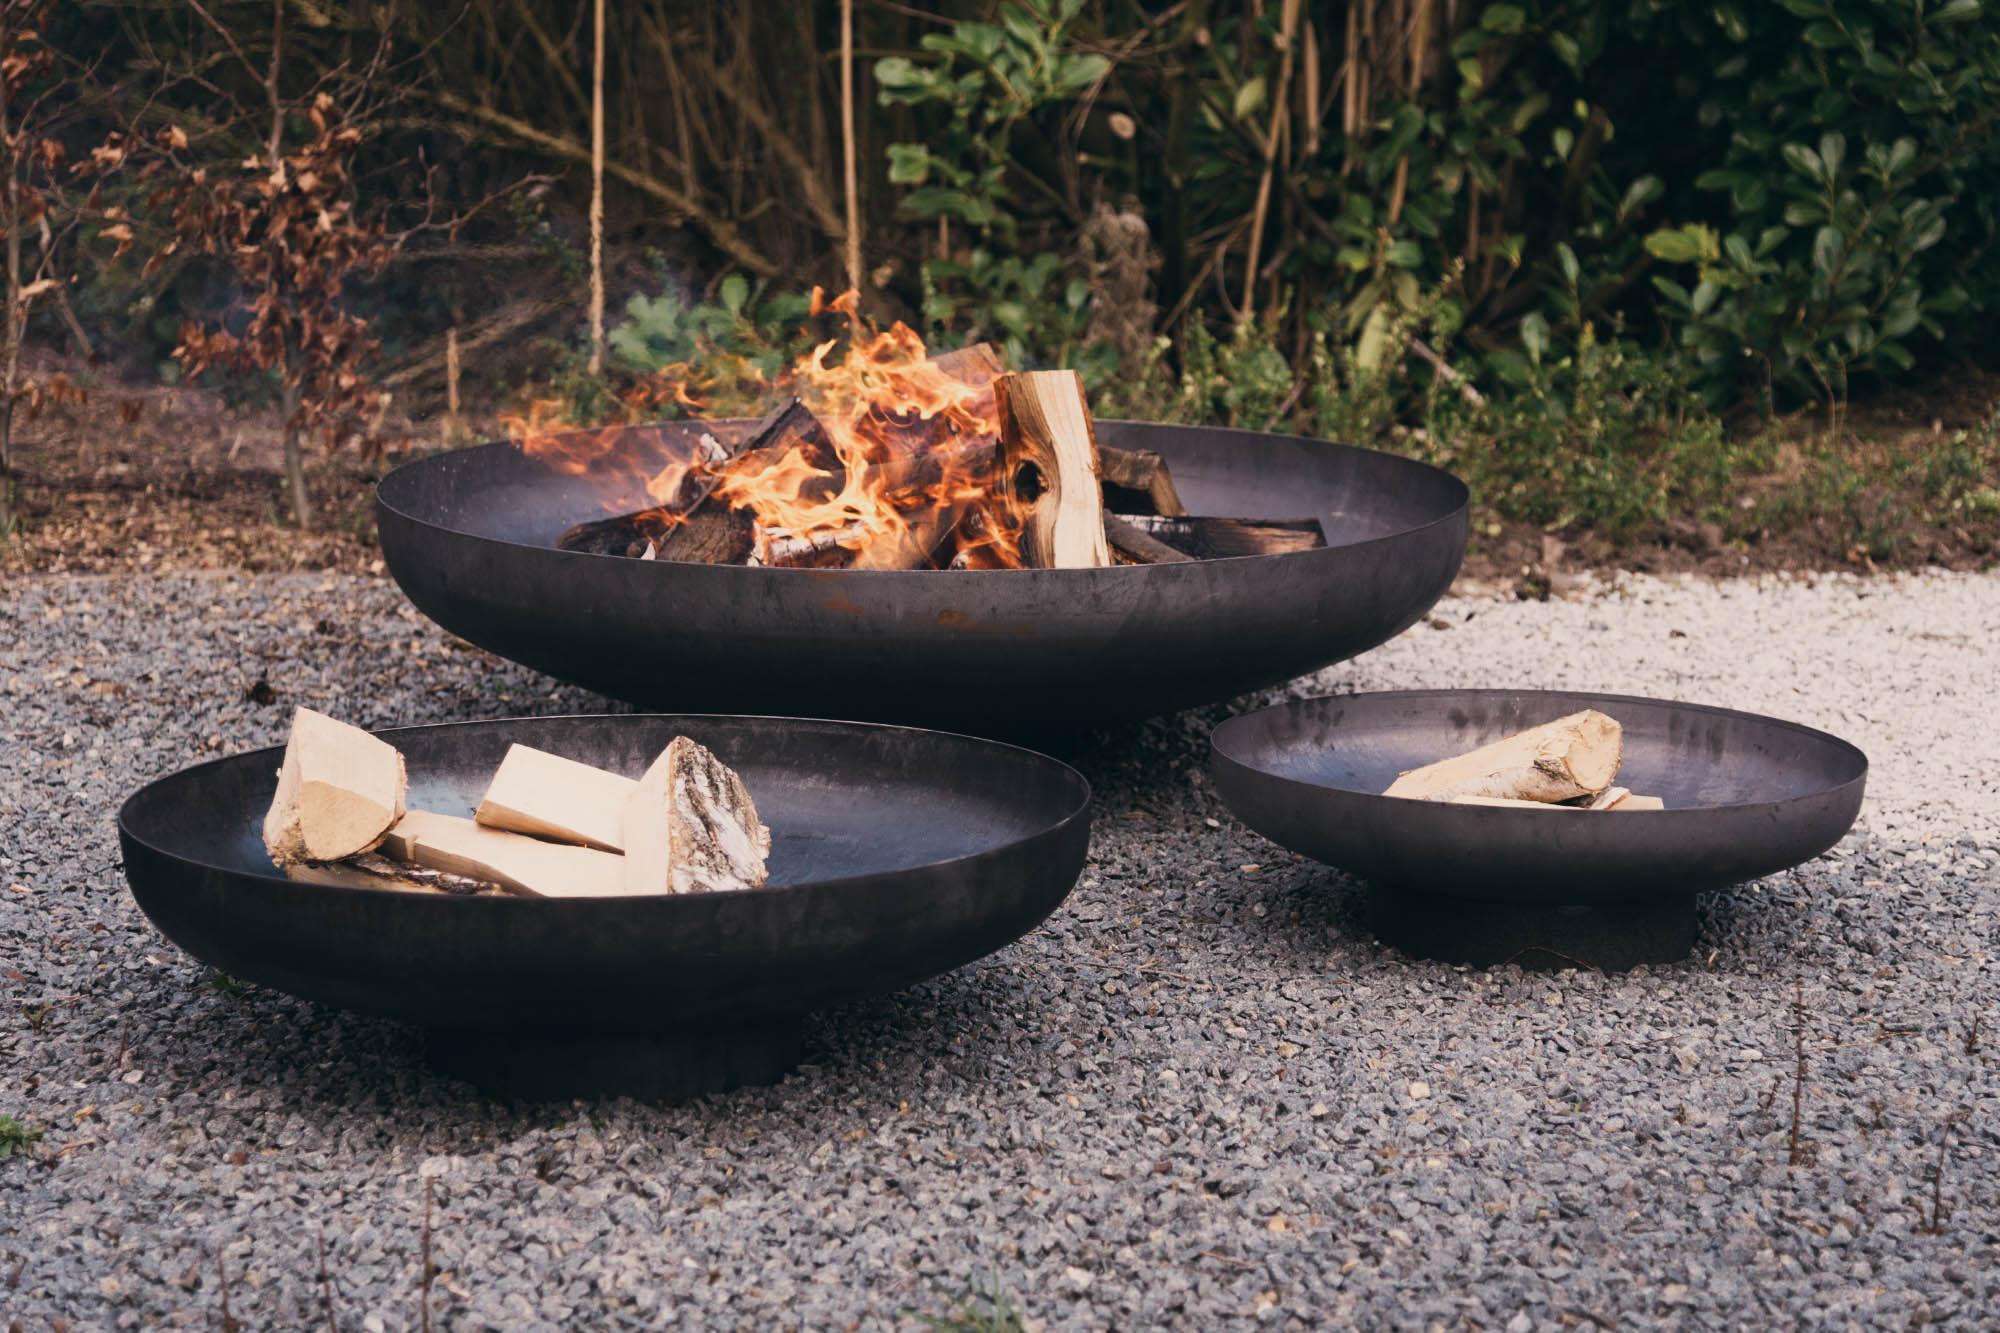 Verkoop vuurschalen en barbecue